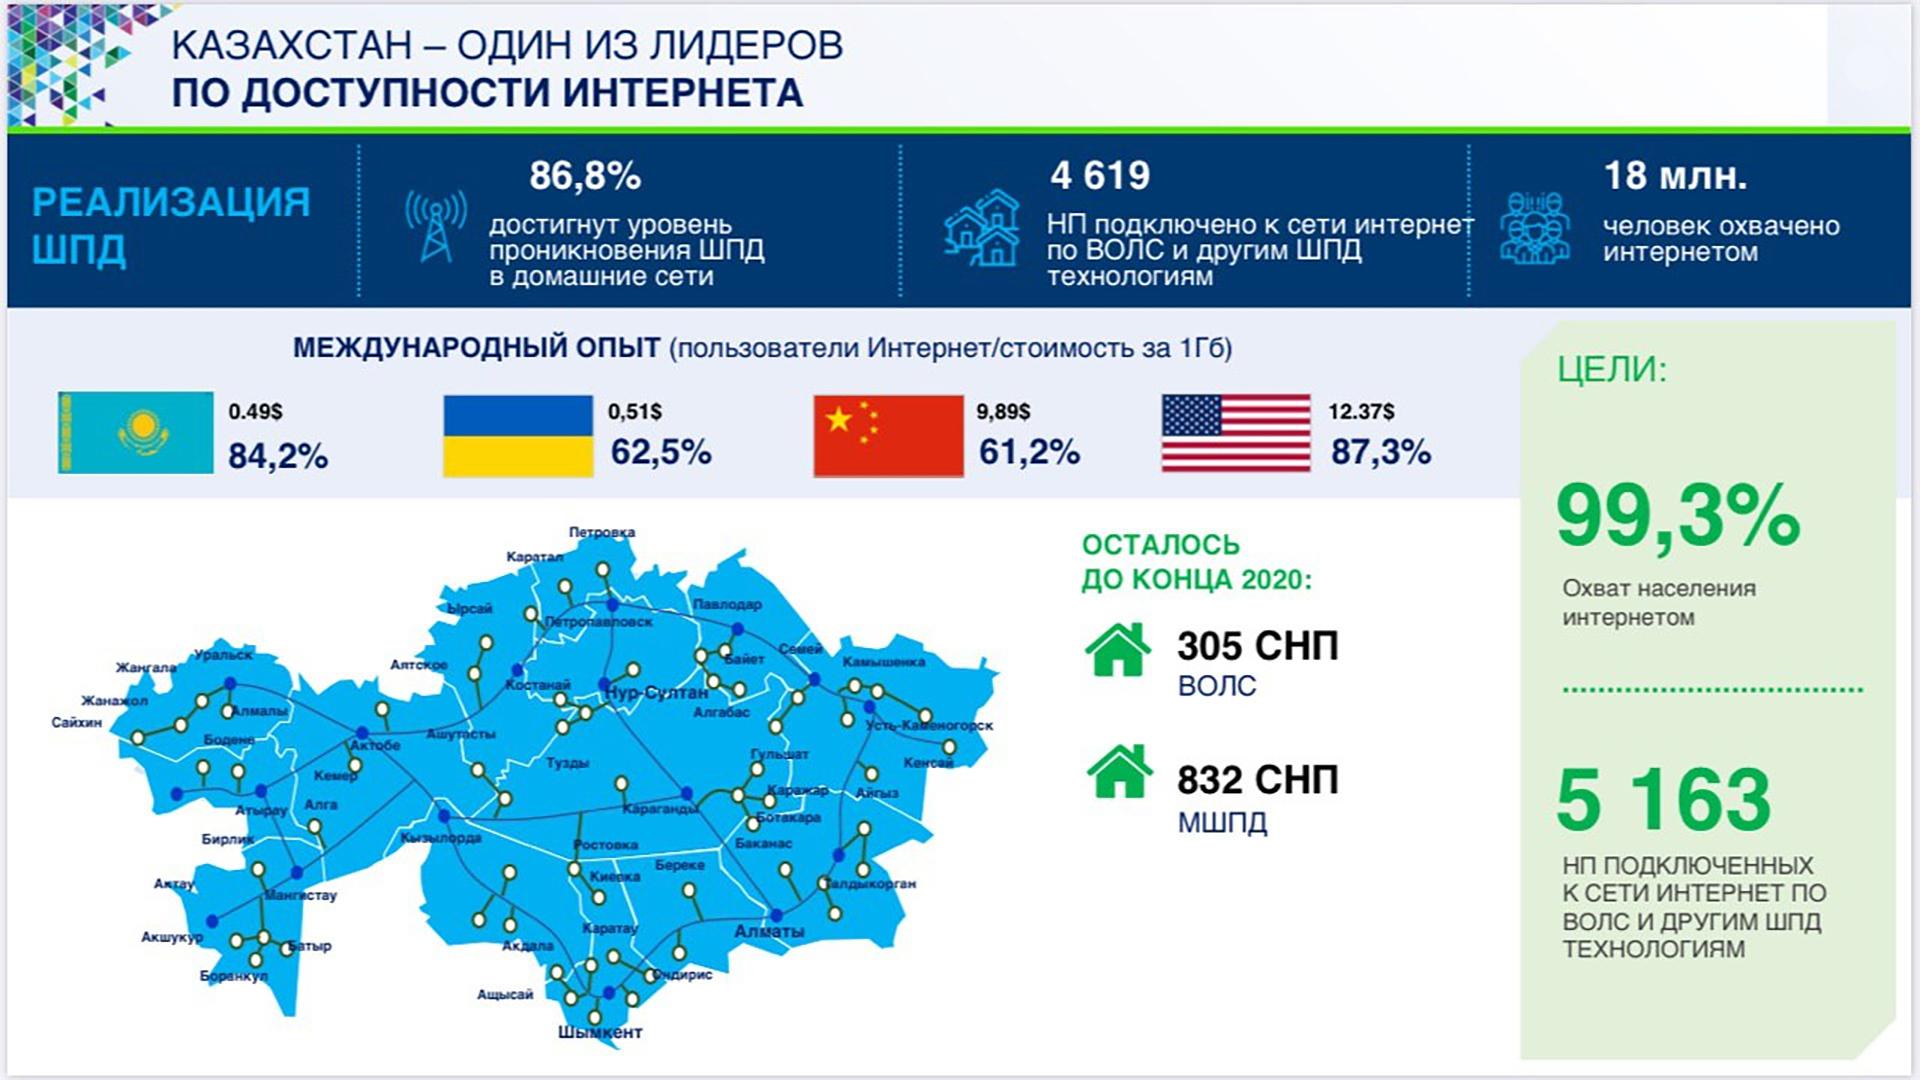 какое место занимает казахстан по демографии